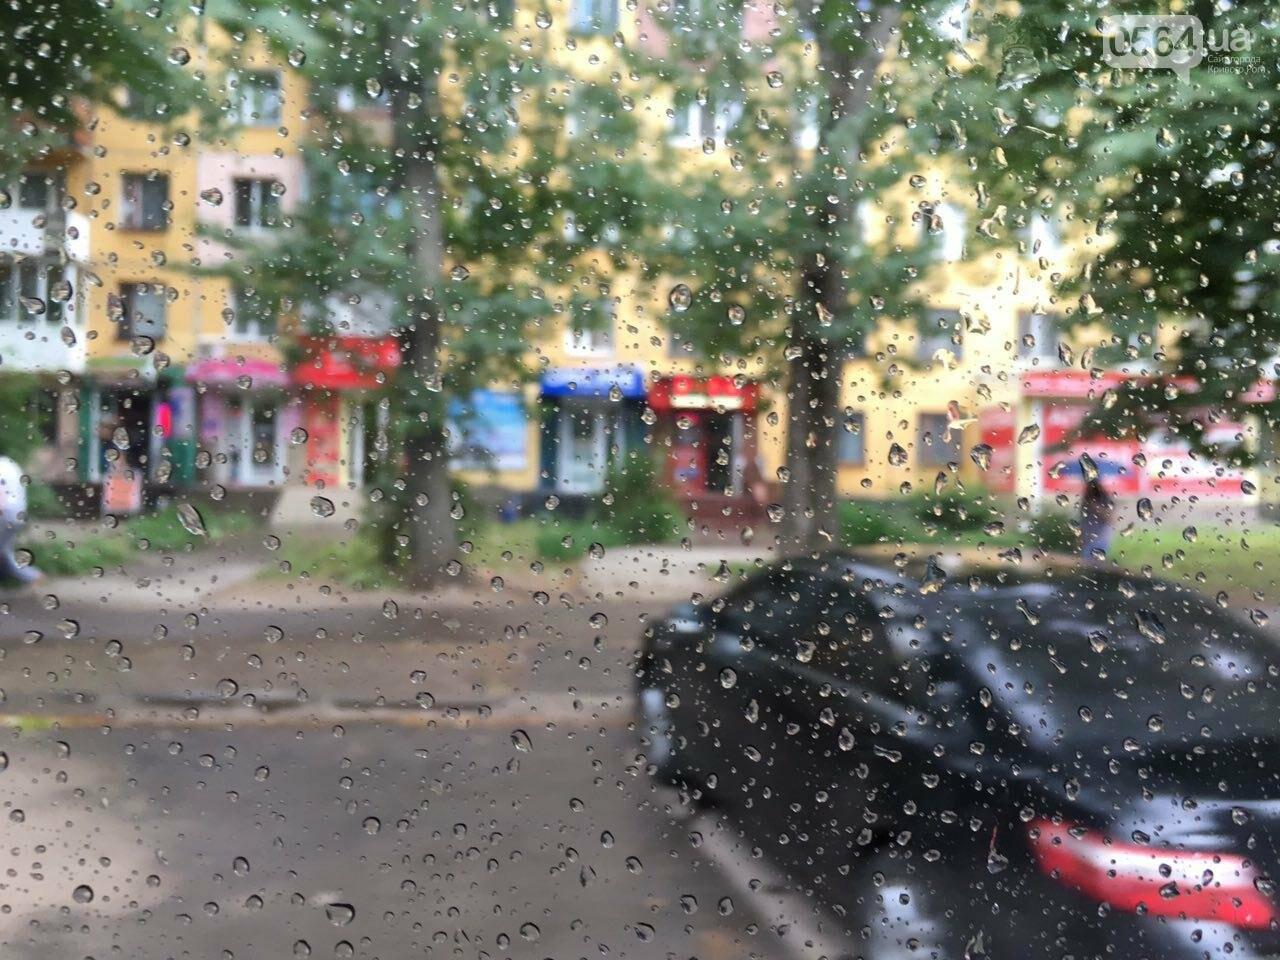 Маршрут дождя: В Кривом Роге в одних районах льет ливень, в других ярко светит солнце, - ФОТО, фото-10